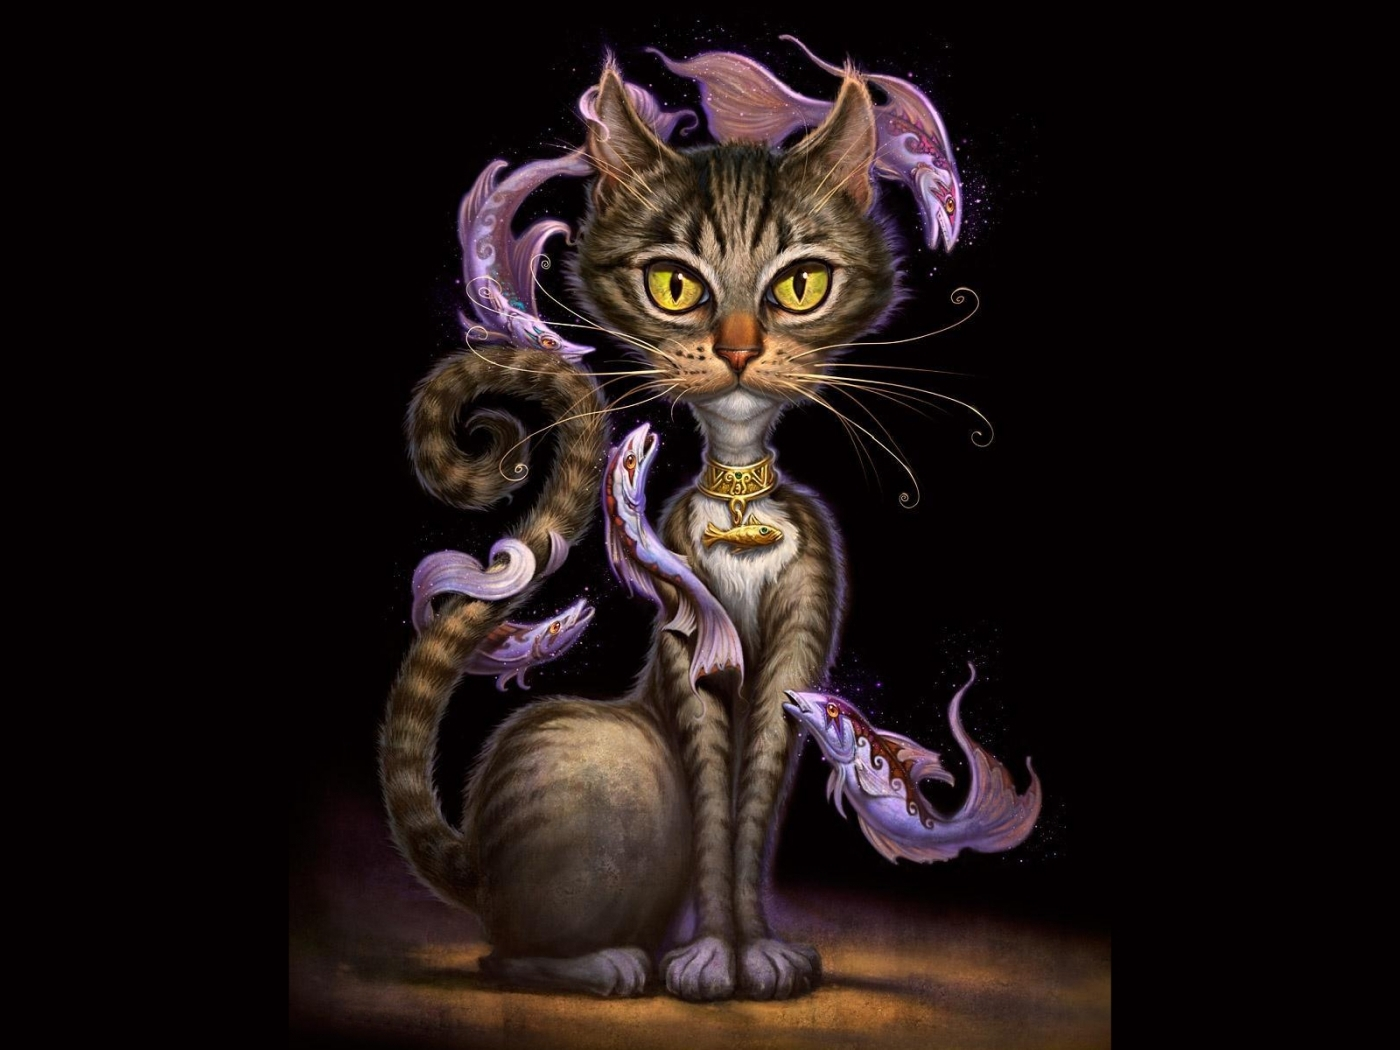 30685 обои 320x480 на телефон бесплатно, скачать картинки Рисунки, Кошки (Коты, Котики) 320x480 на мобильный